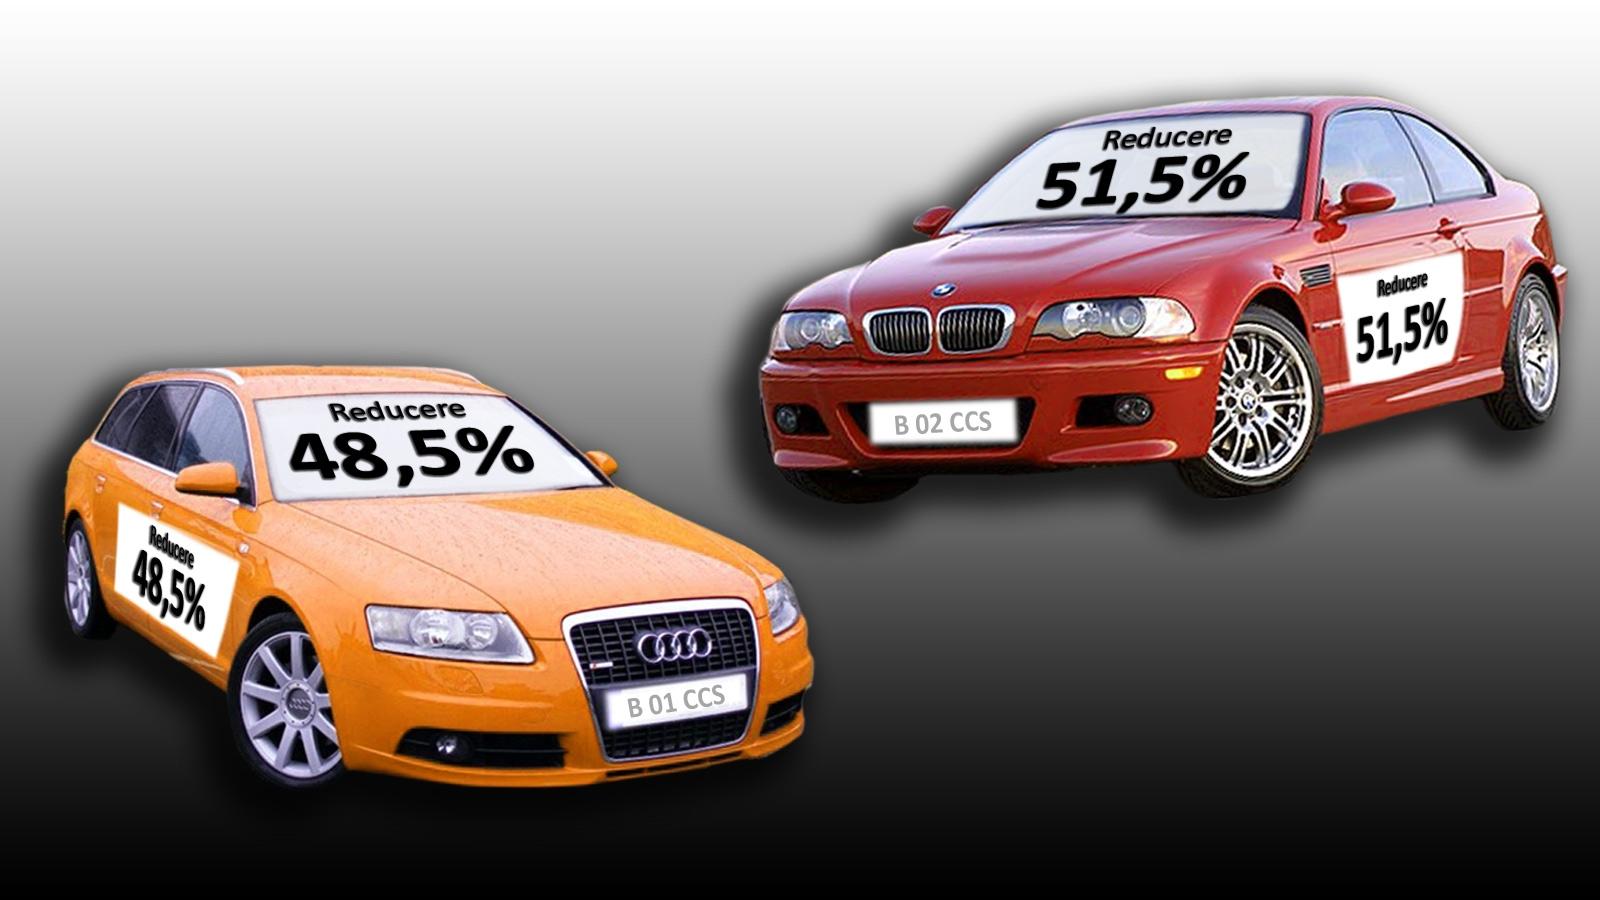 CCSB Automotive